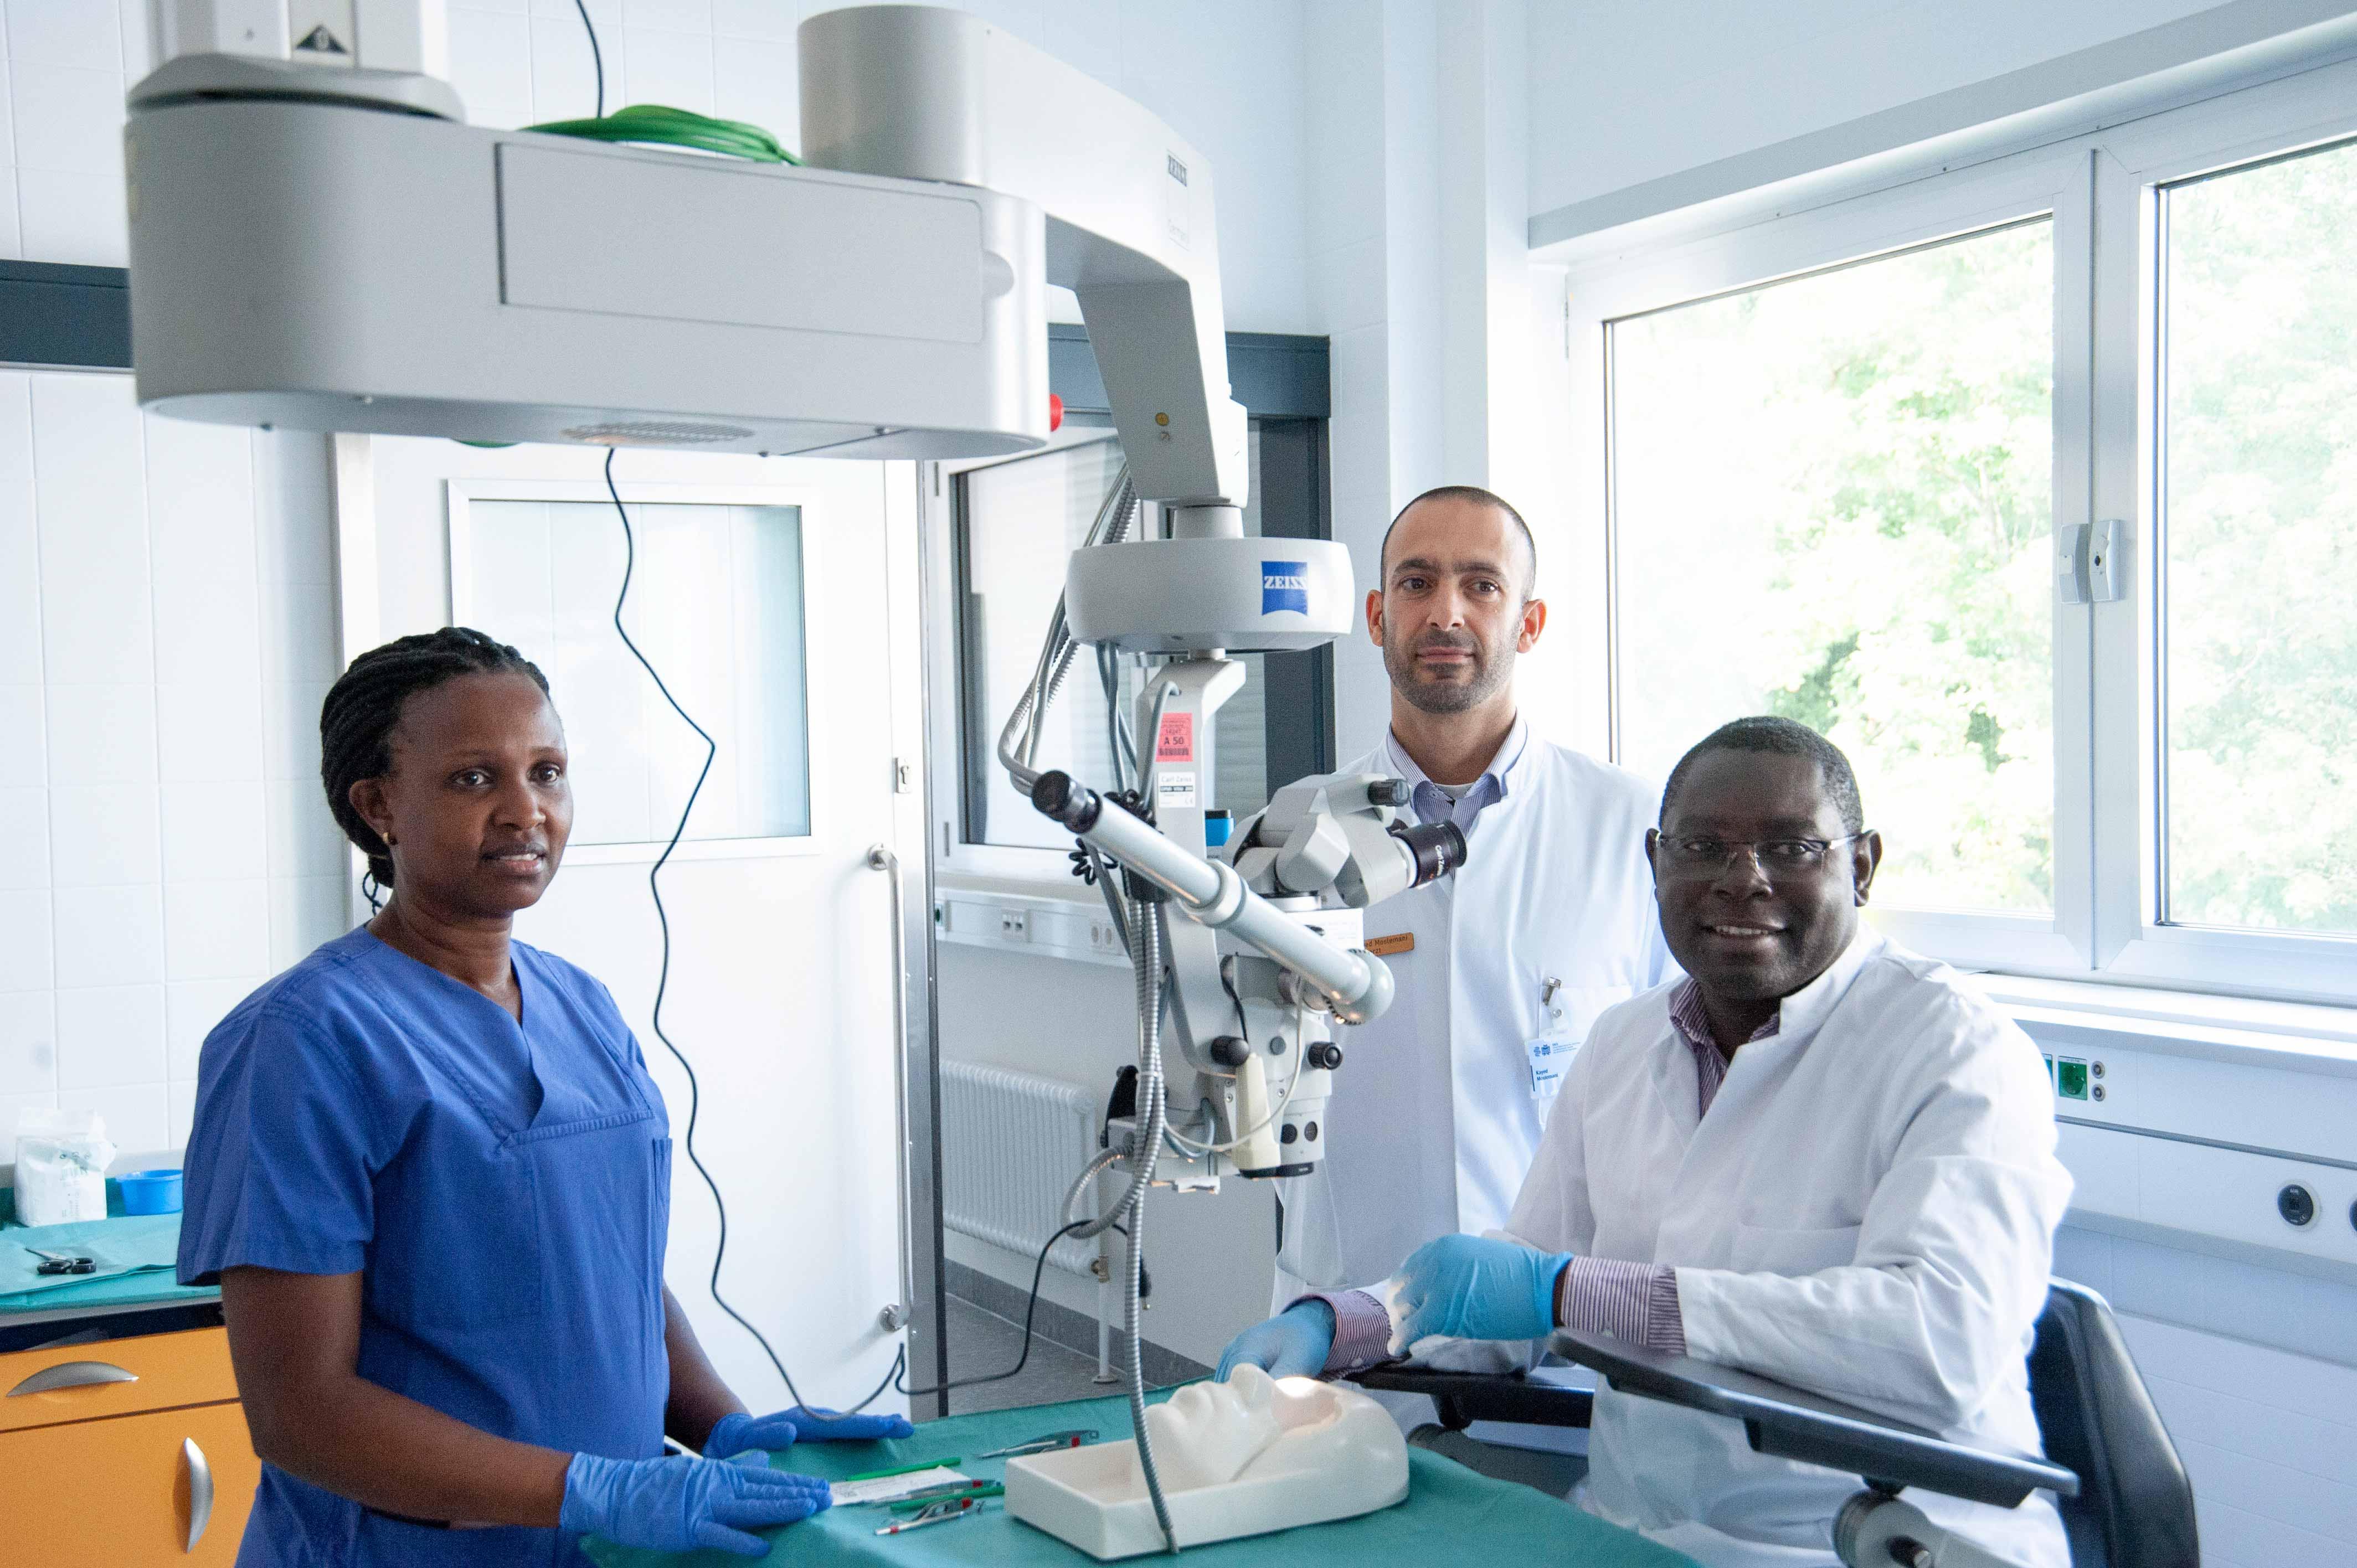 Start des Austauschprogramms zwischen der Homburger Universitäts-Augenklinik und dem Mengo Hospital in Uganda